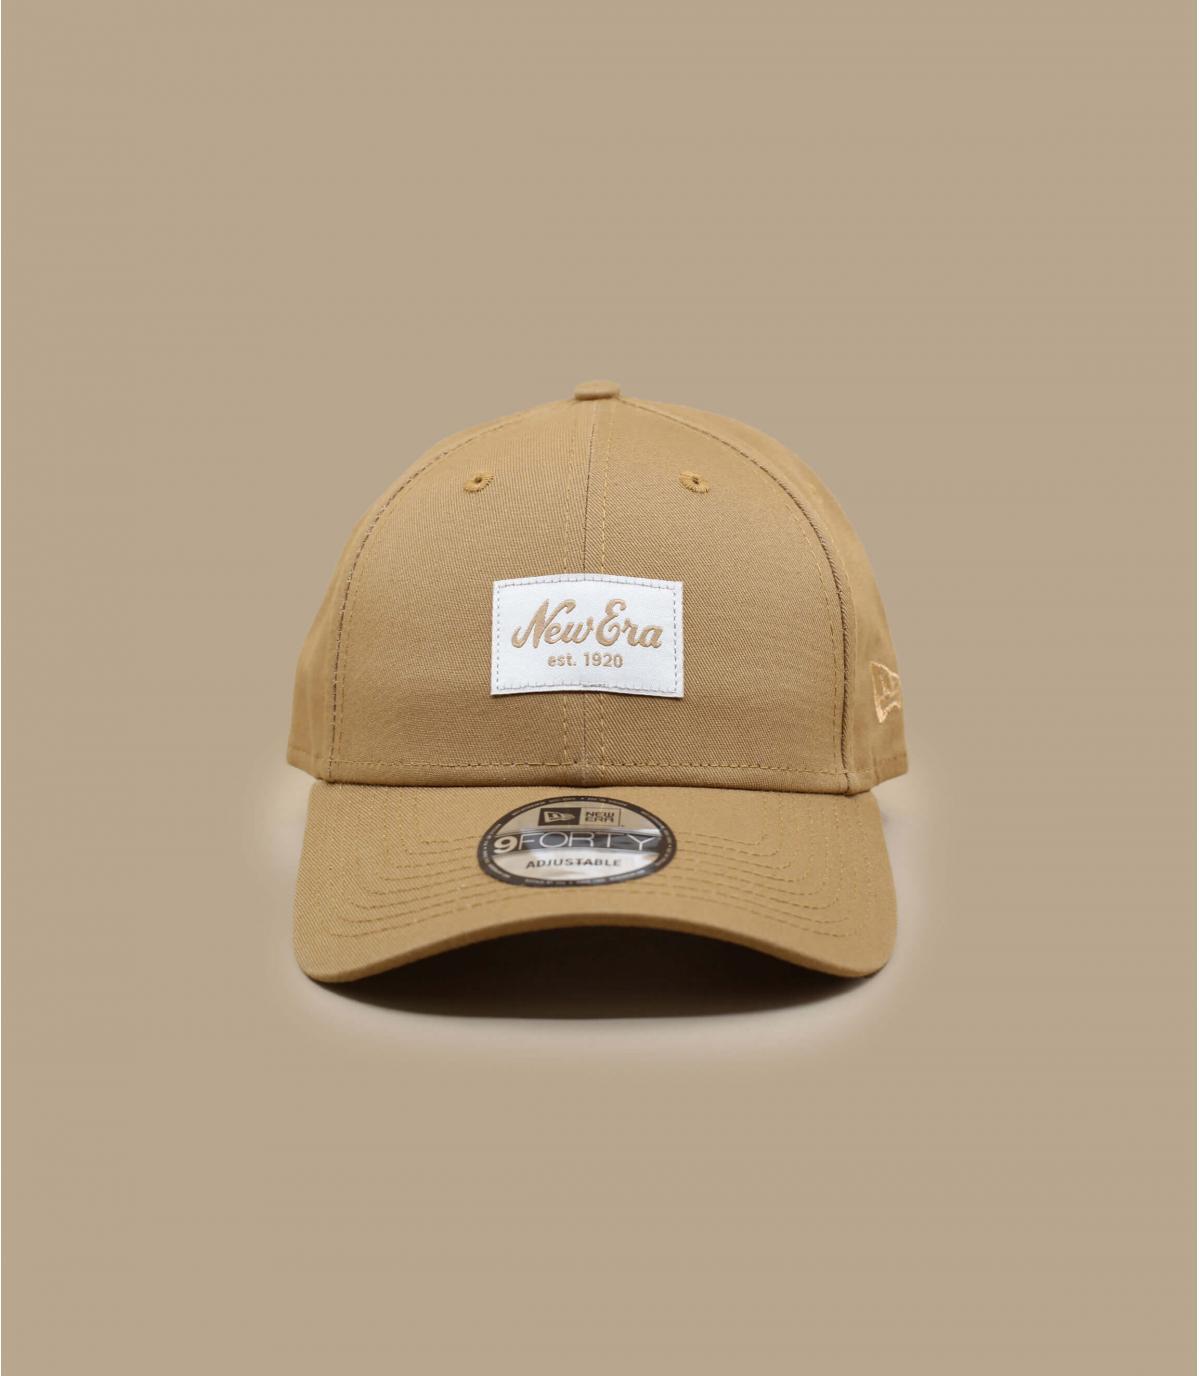 casquette New Era beige